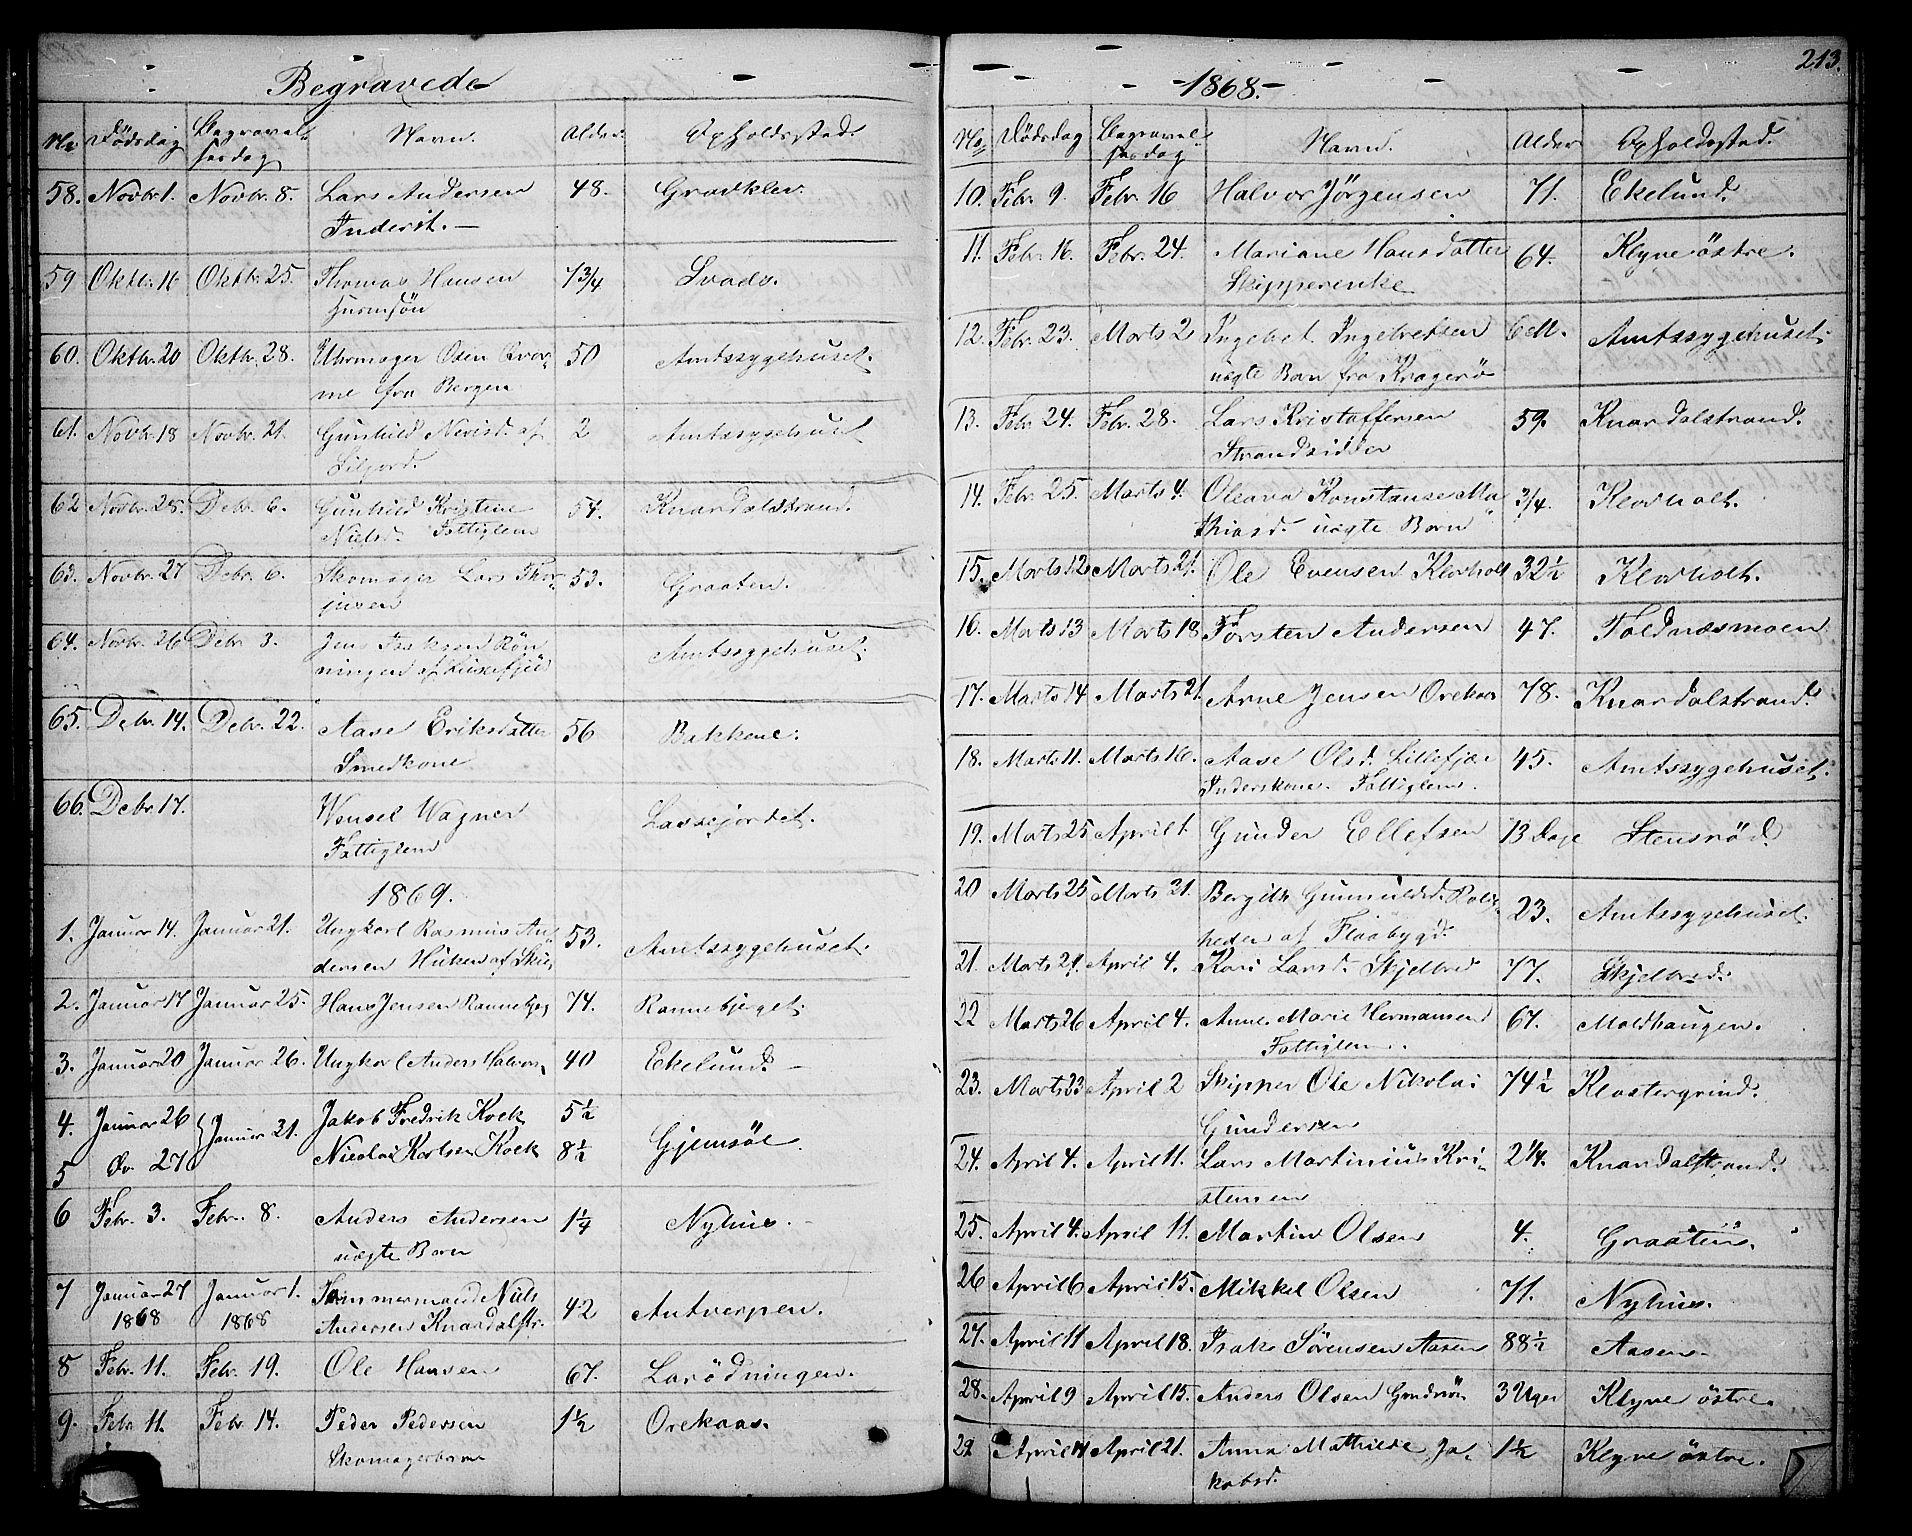 SAKO, Solum kirkebøker, G/Ga/L0004: Klokkerbok nr. I 4, 1859-1876, s. 213